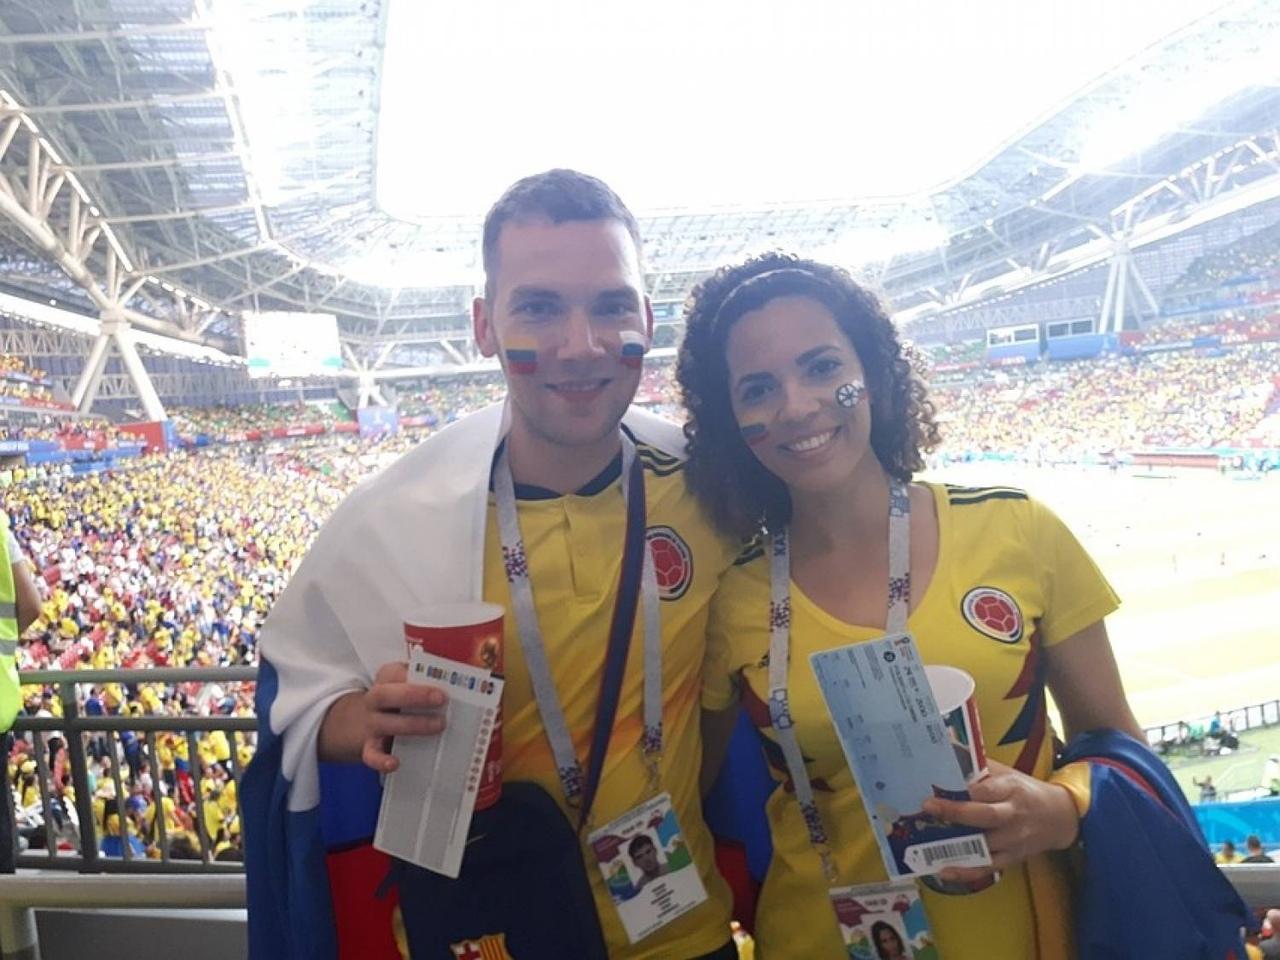 Колумбийка, которой во время футбольного матча сделал предложение педиатр из Томска, планирует жить и работать в Томске